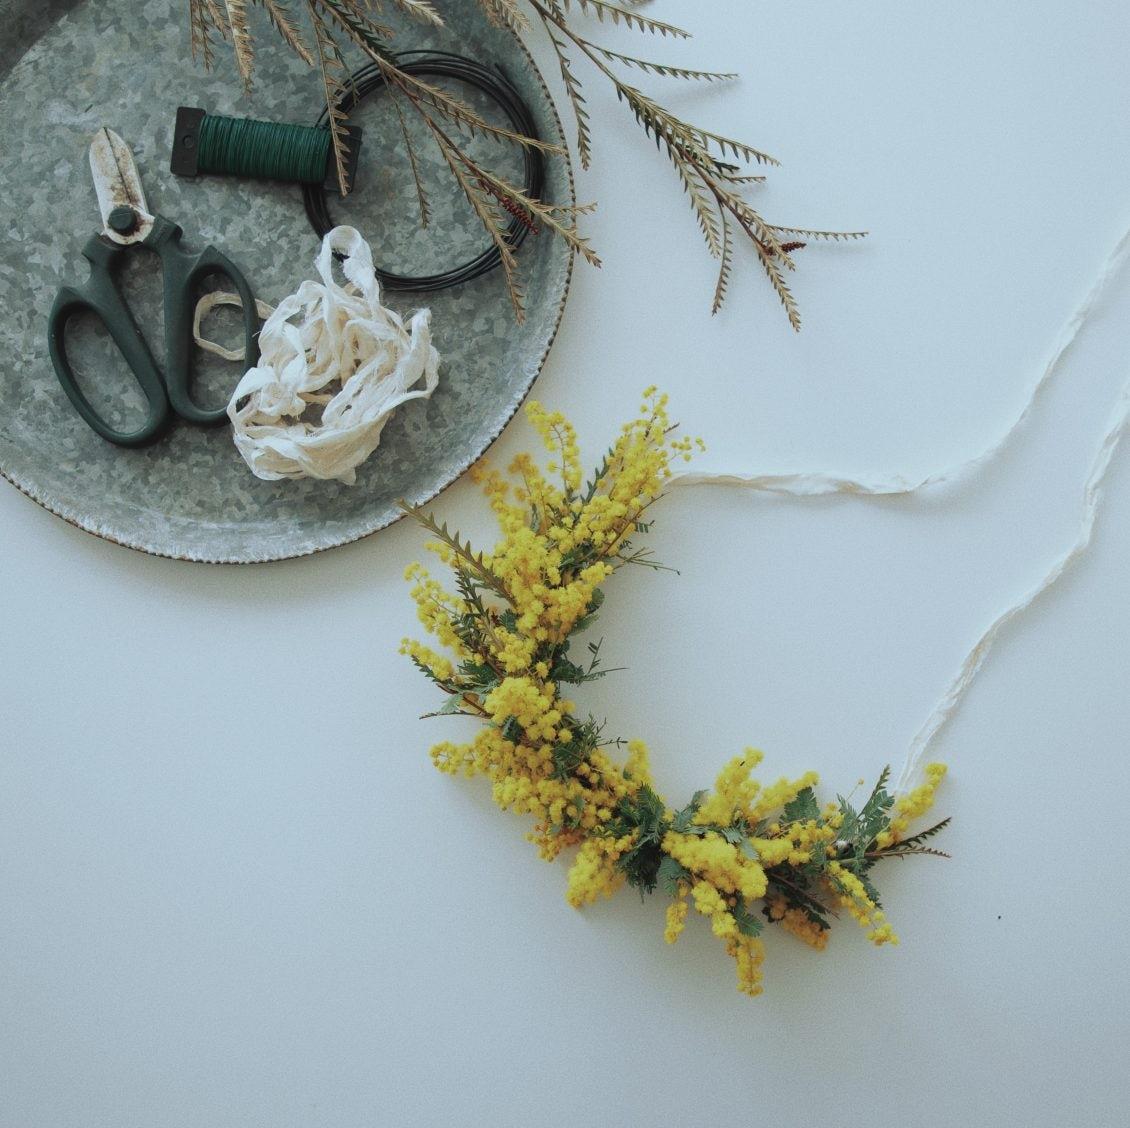 【春の花を、もっと】第3話:思わず部屋に飾りたくなる、ミモザのガーランド